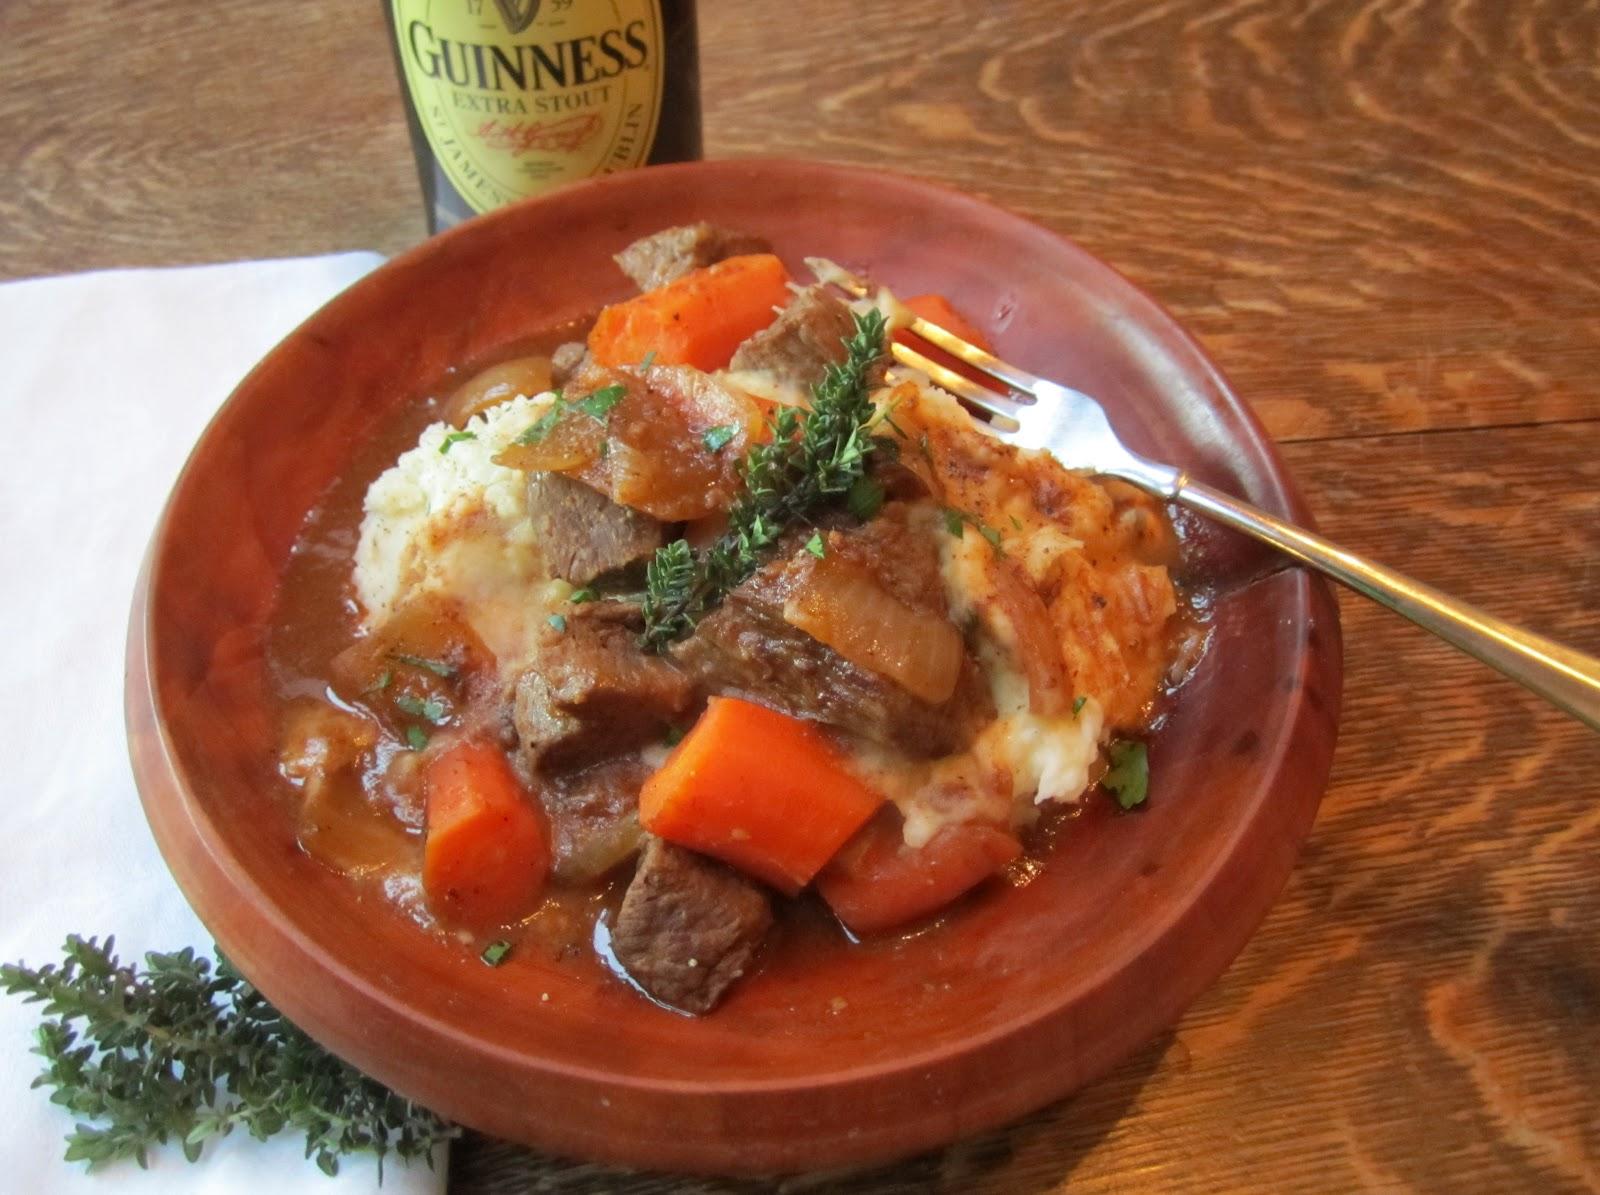 The Irish Mother Irish Beef And Guinness Stew